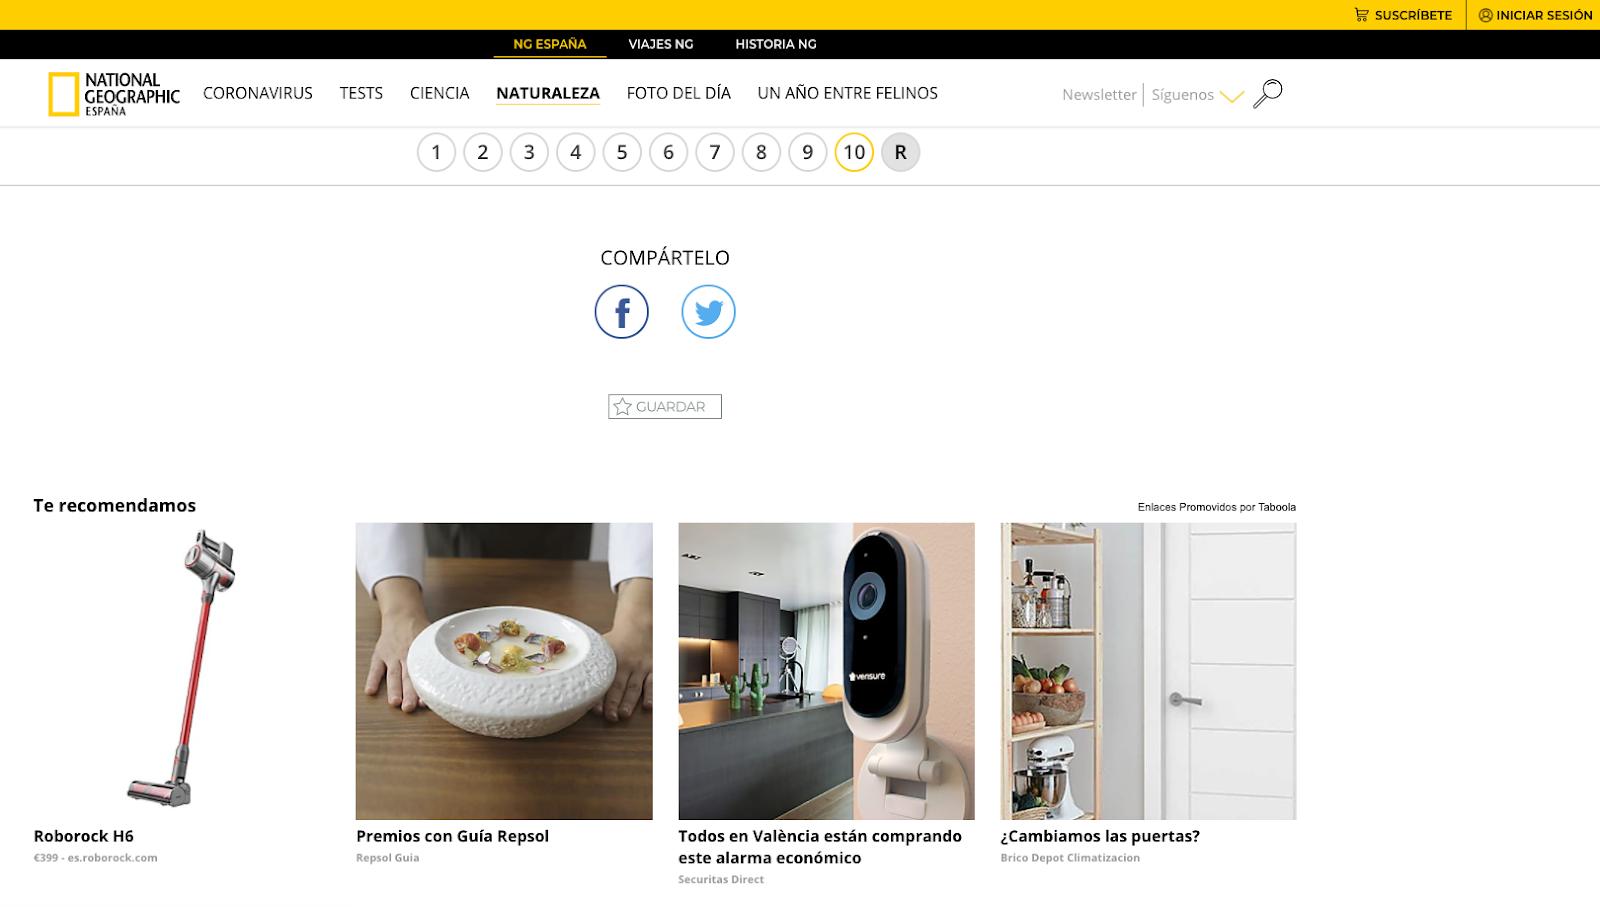 Imagen de anuncios patrocinados de contenido nativo